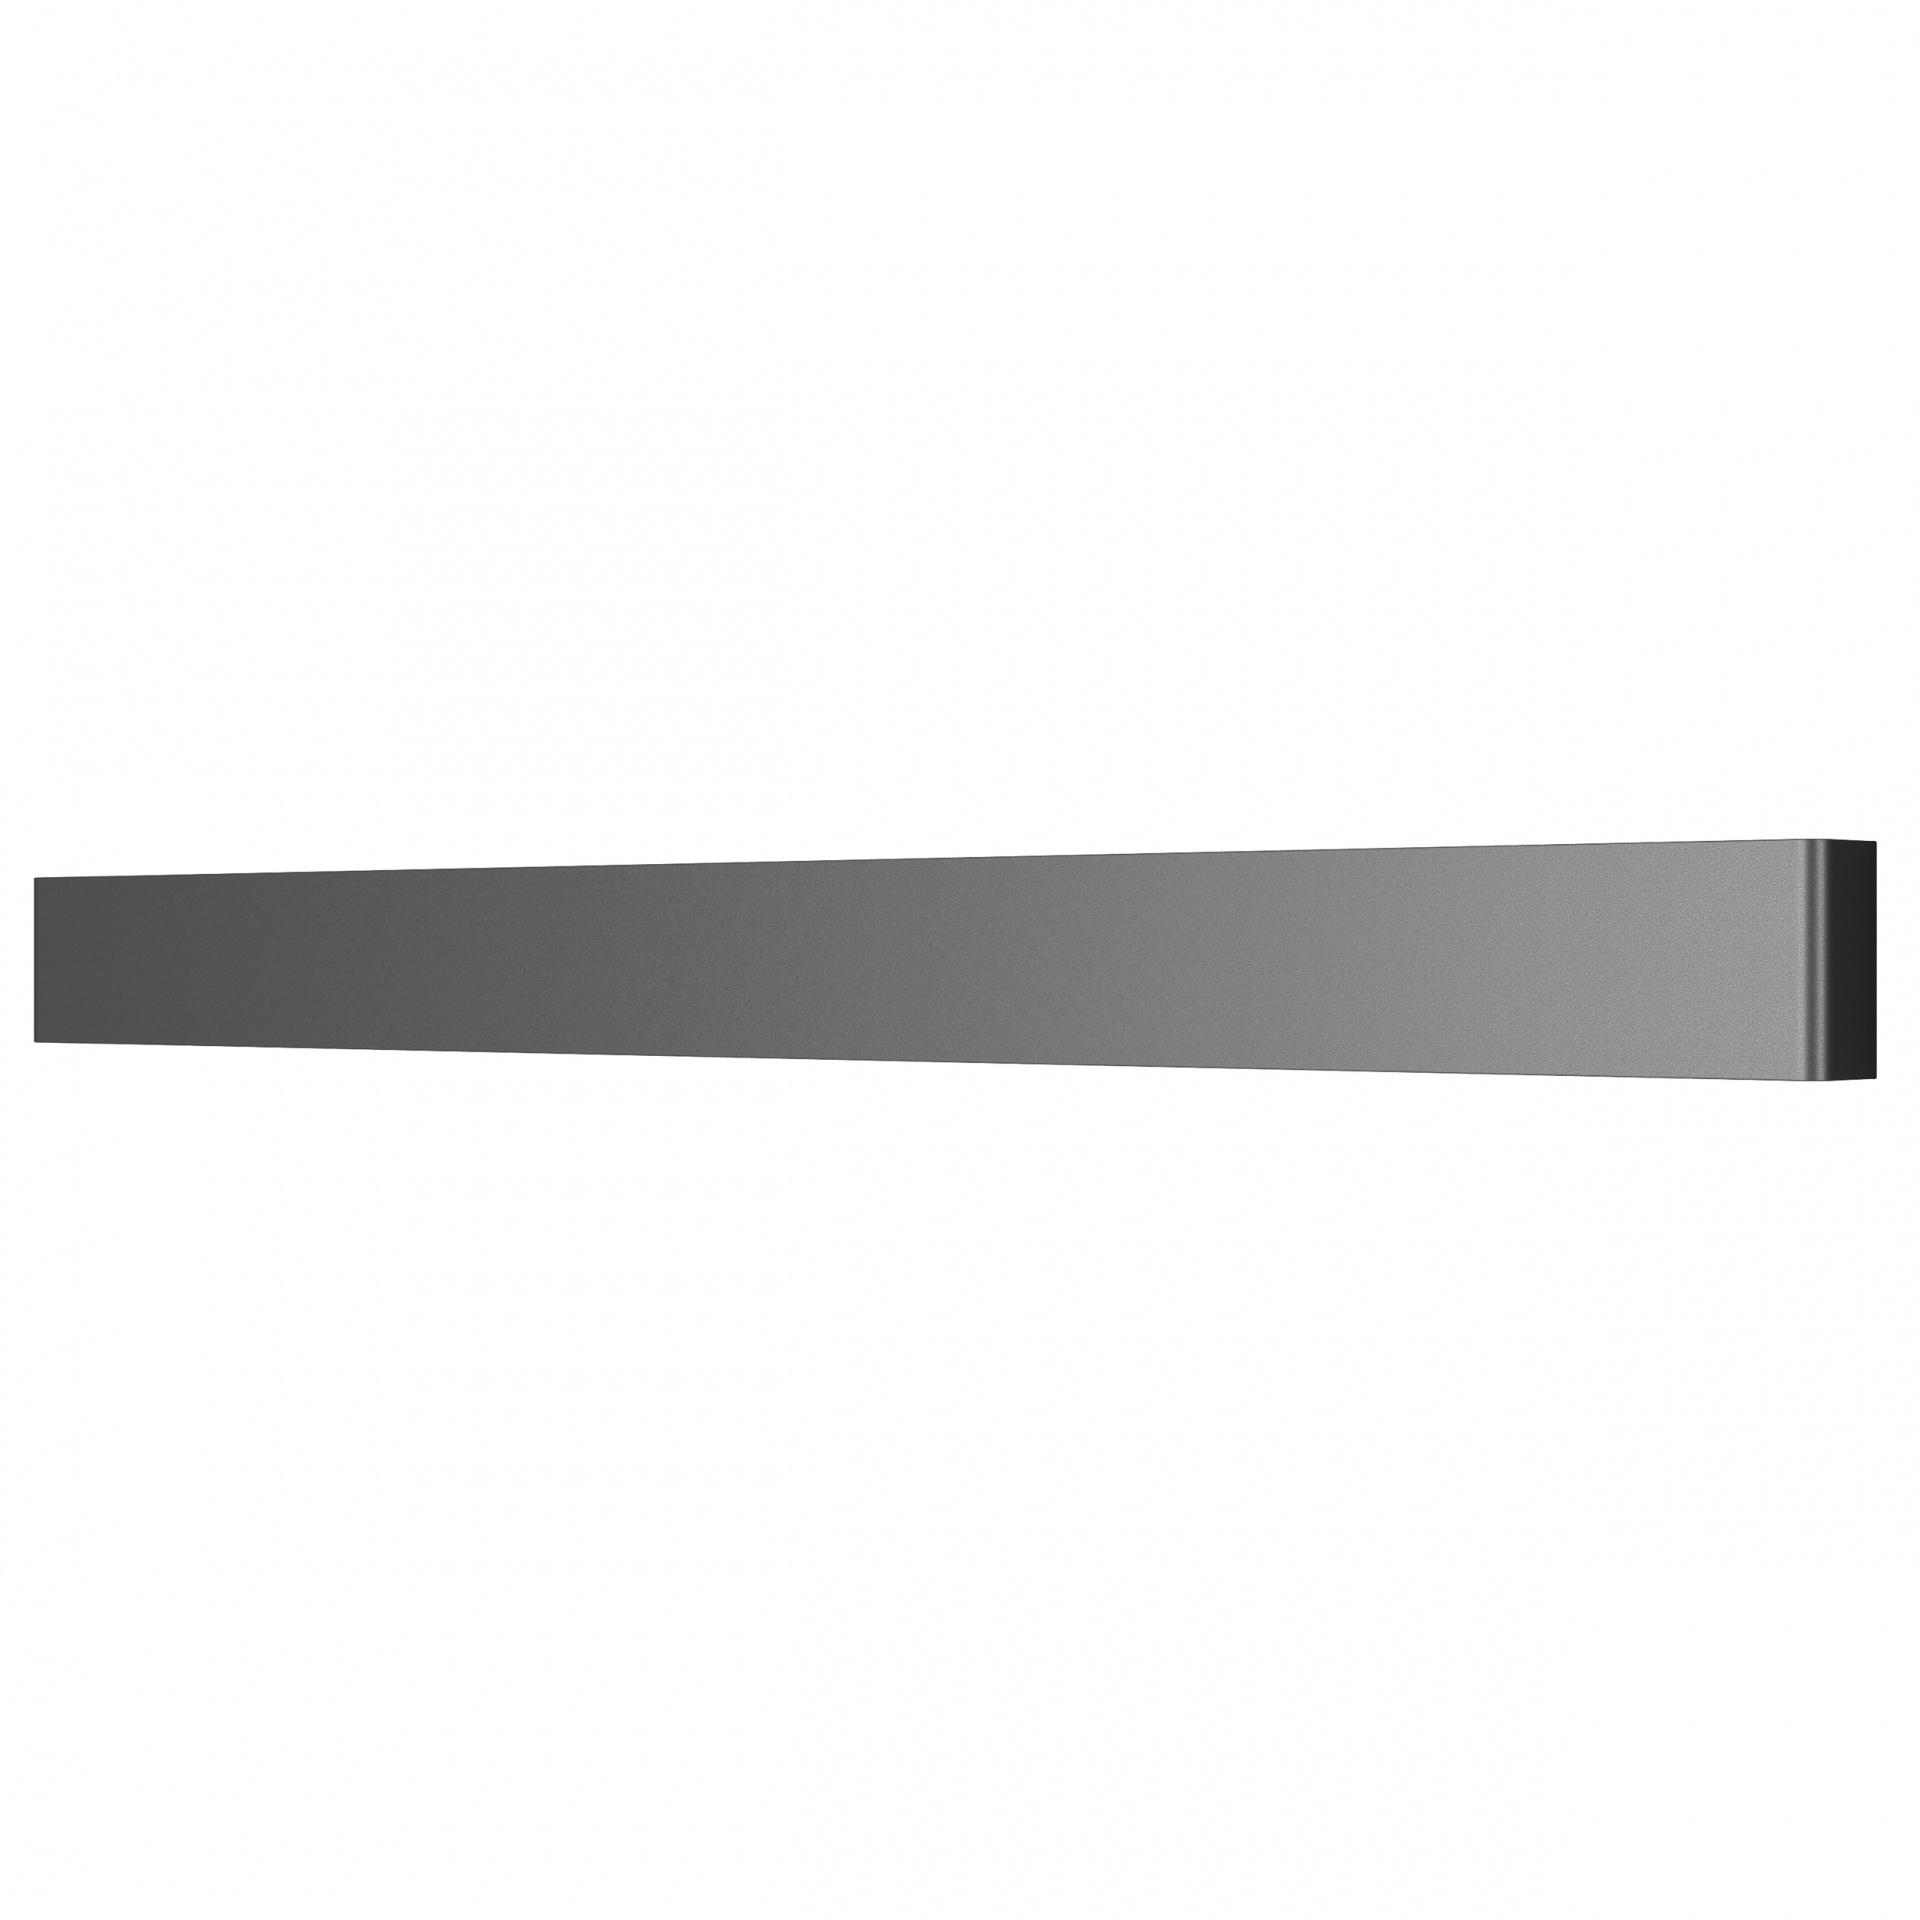 Бра Fiume 30W 2850LM матовый черный 4000K Lightstar 810637, купить в СПб, Москве, с доставкой, Санкт-Петербург, интернет-магазин люстр и светильников Starlight, фото в жизни